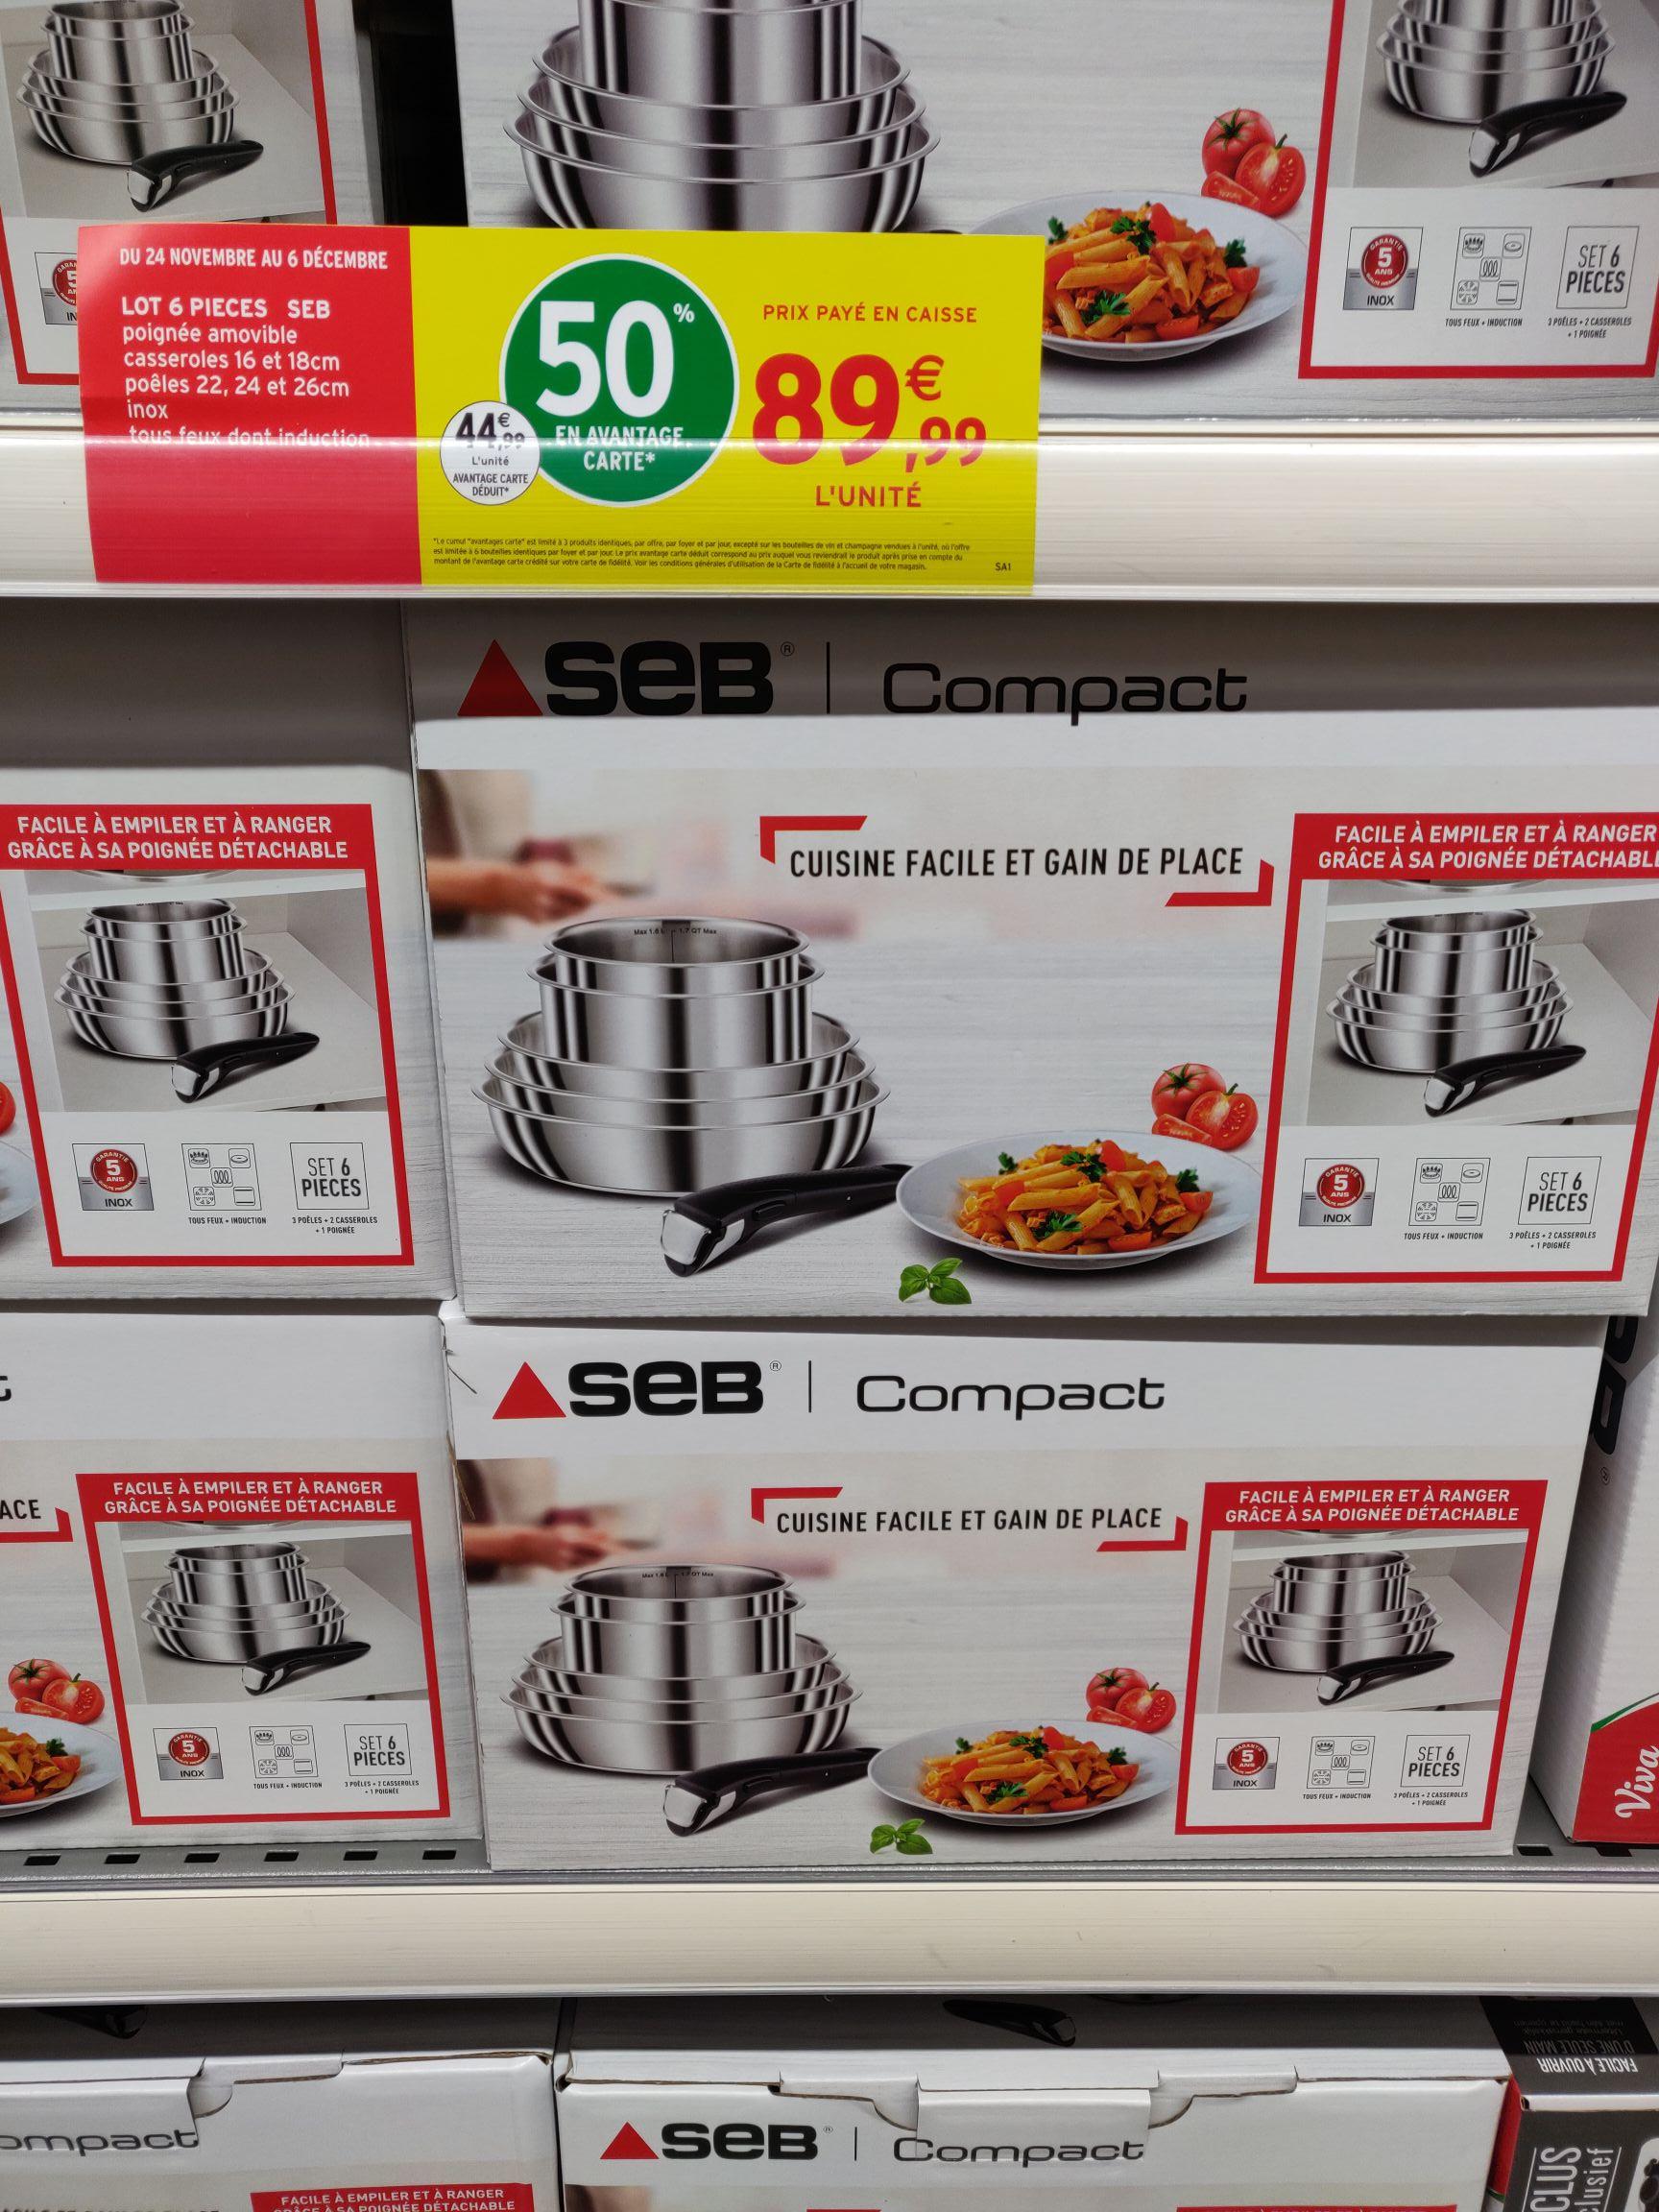 Batterie de cuisine Seb Compact en inox - 6 Pièces, Tous feux + Induction (Via 45€ sur Carte fidélité) - Bresson (38)